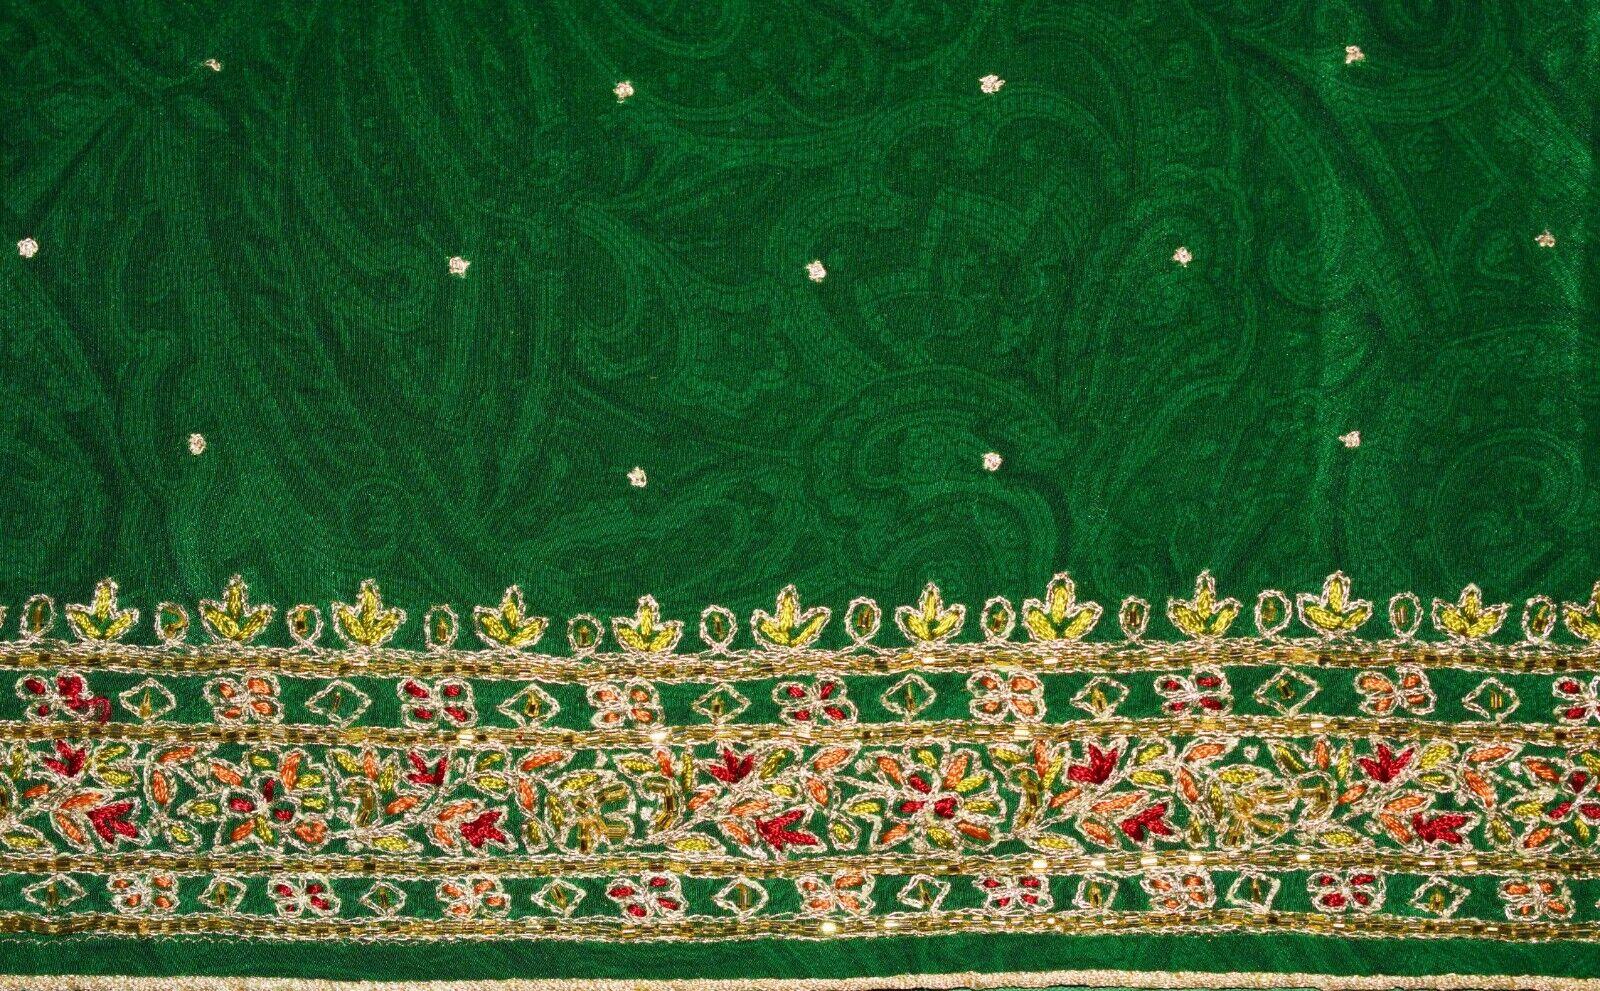 INDIAN DESIGNER VERY FAMOUS BRAND RITU KUMAR SARE… - image 2